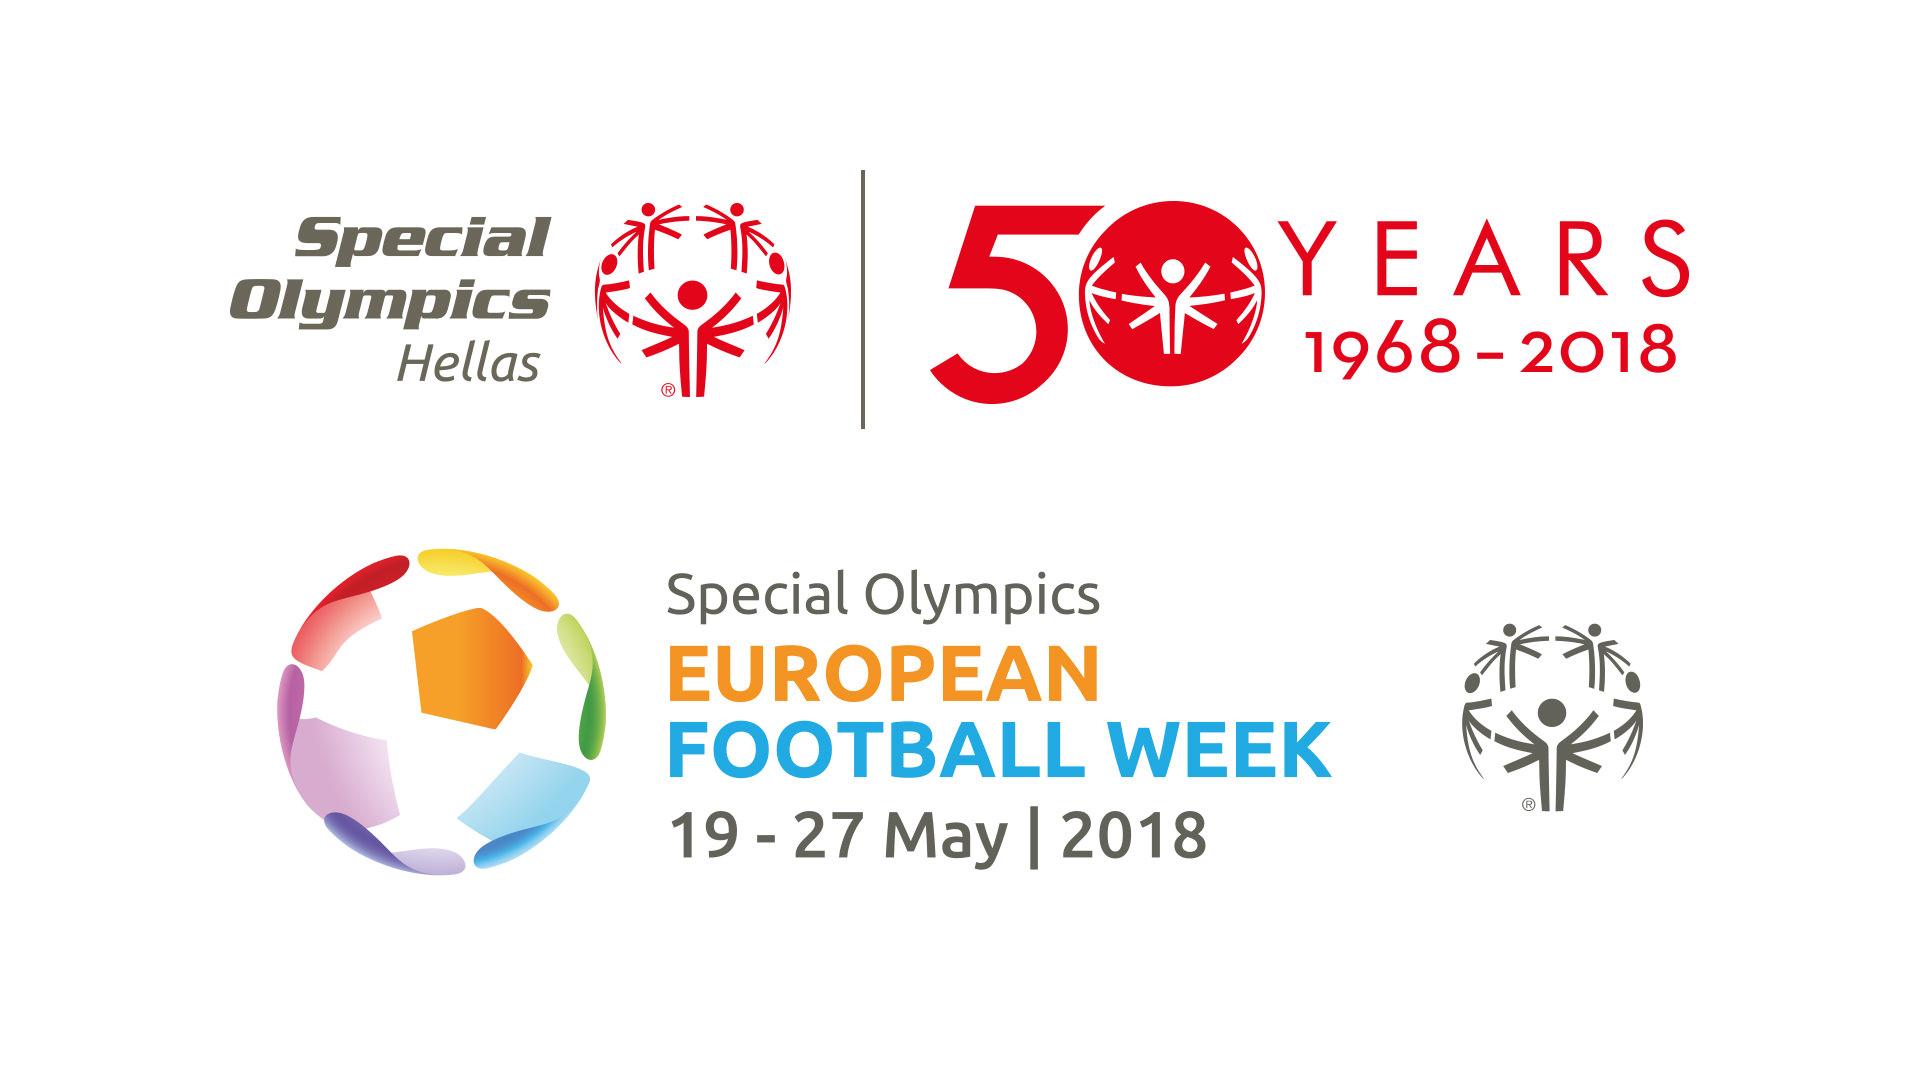 Ολυμπιακός και Special Olympics ενώνουν τις δυνάμεις τους!